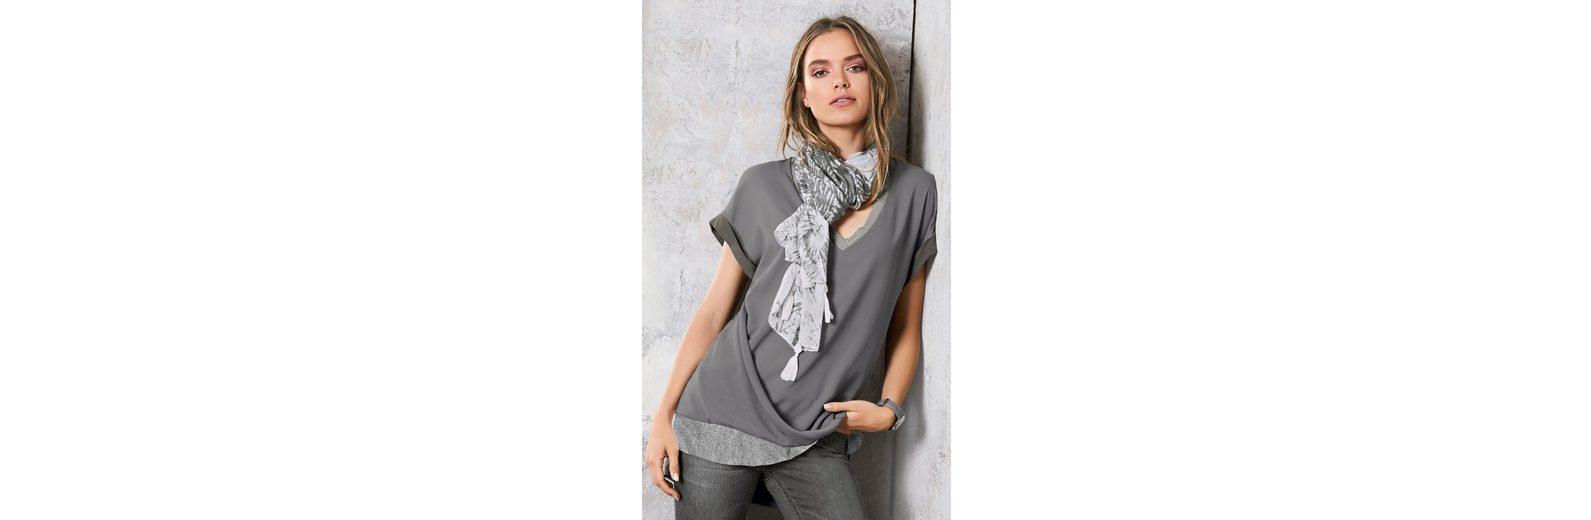 Neue Preiswerte Online Classic Inspirationen Shirt in modisch weiter Form Bekommen Günstigen Preis Zu Kaufen y5ao5